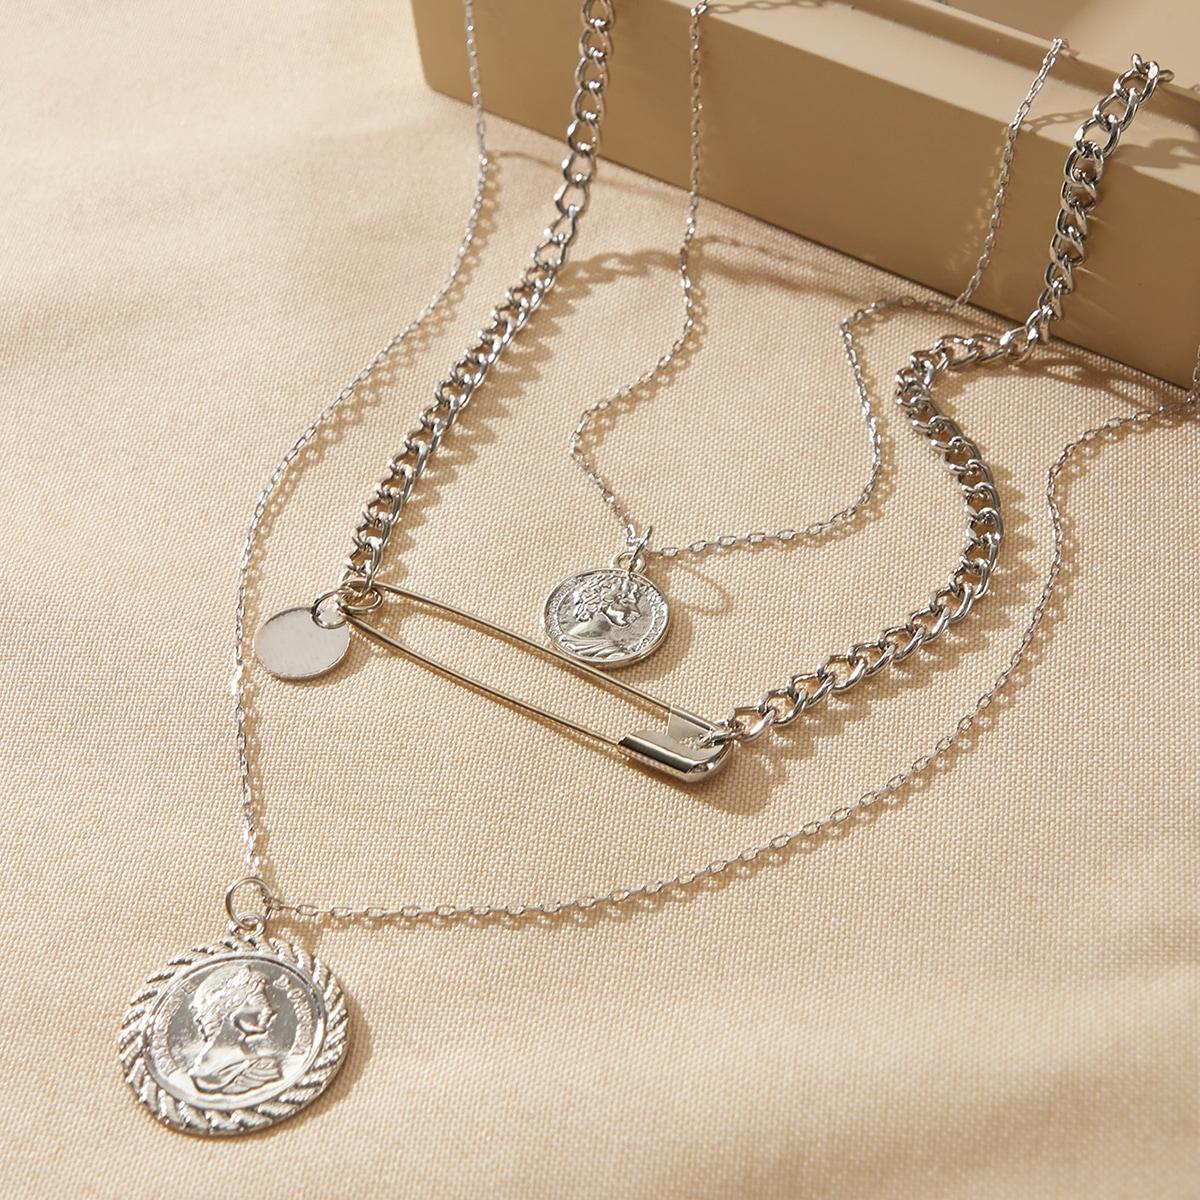 Многоуровневое ожерелье с подвеской от SHEIN